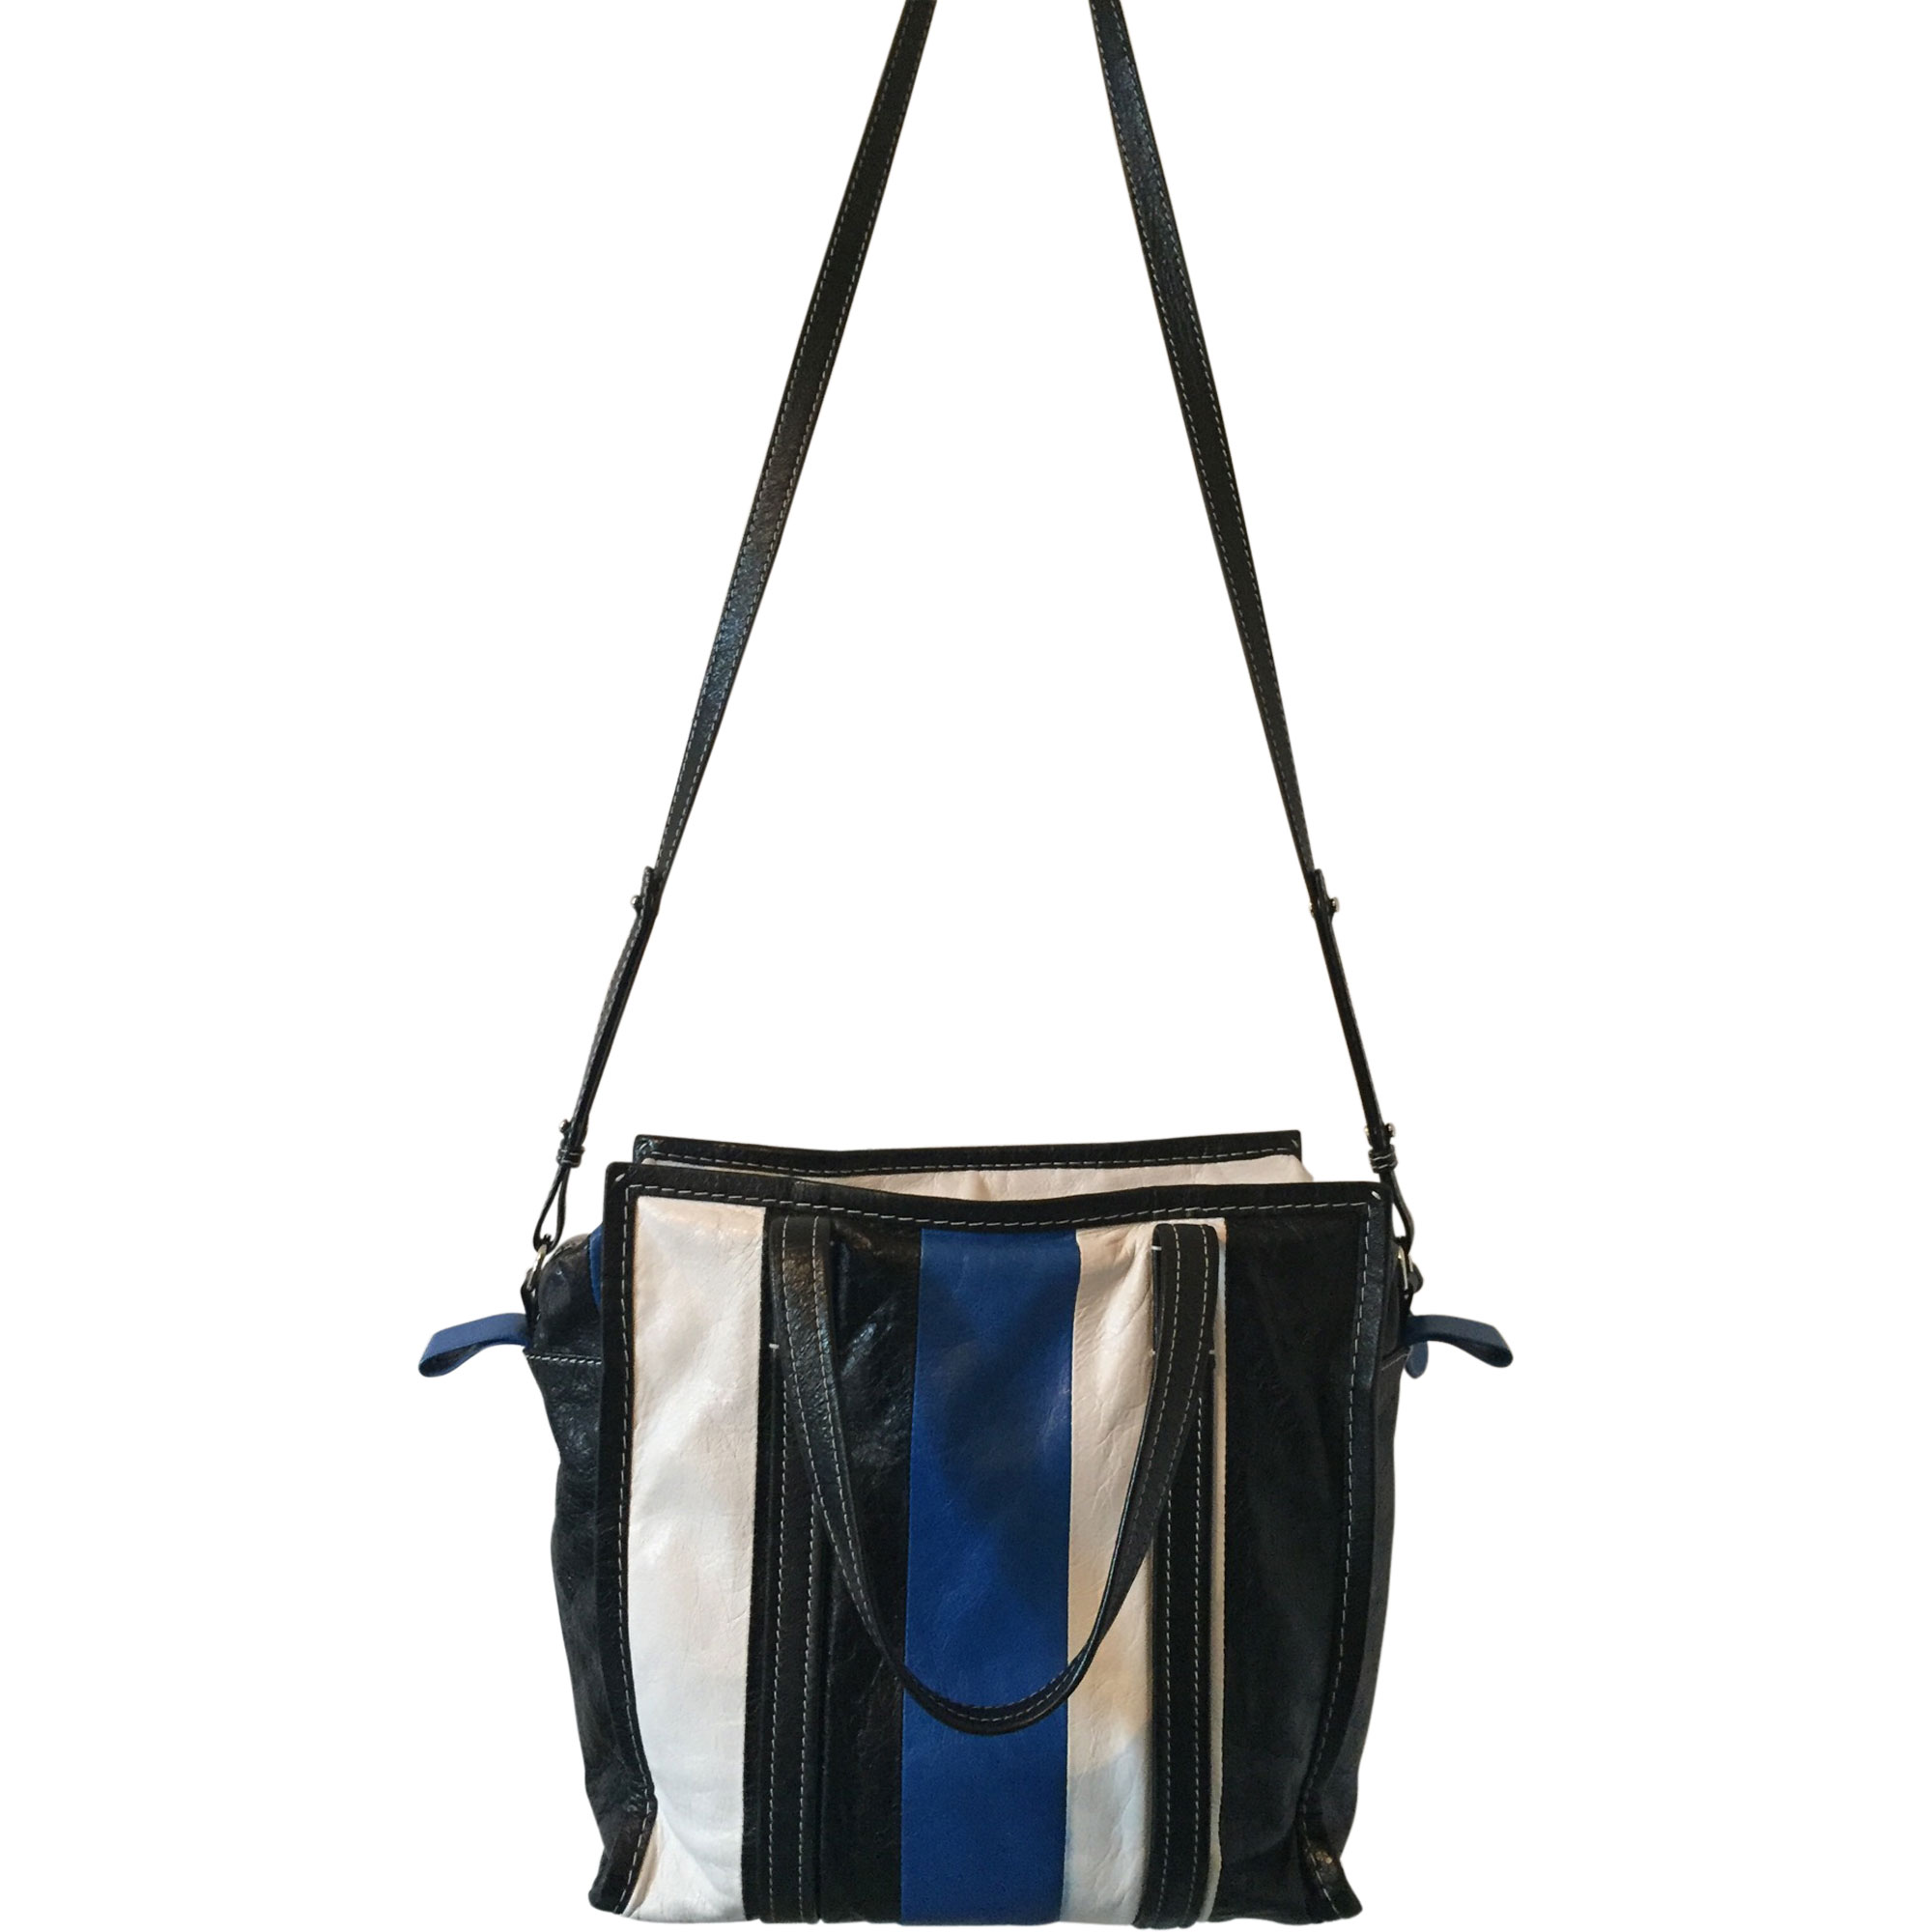 Sac en bandoulière en cuir BALENCIAGA Bazar Bleu, bleu marine, bleu turquoise